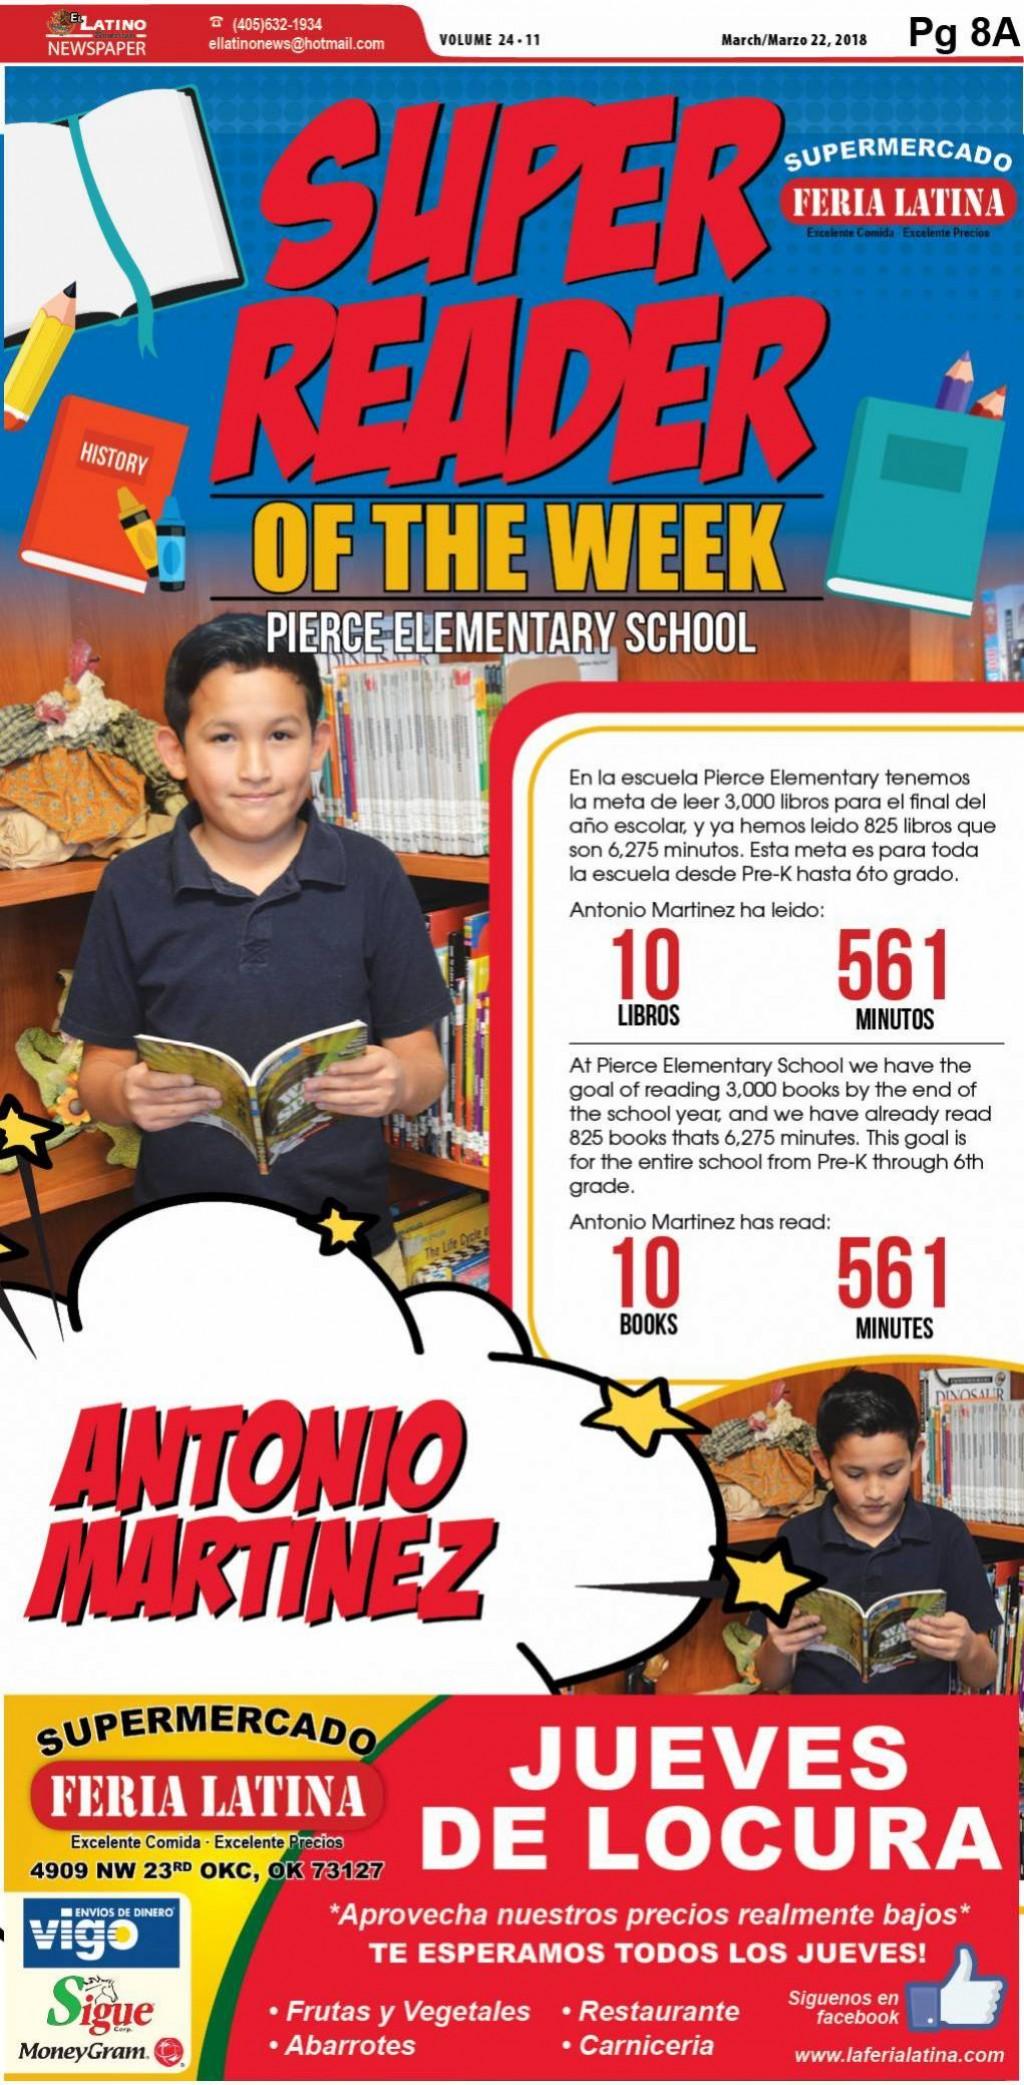 Super Reader of the Week: Antonio Martinez